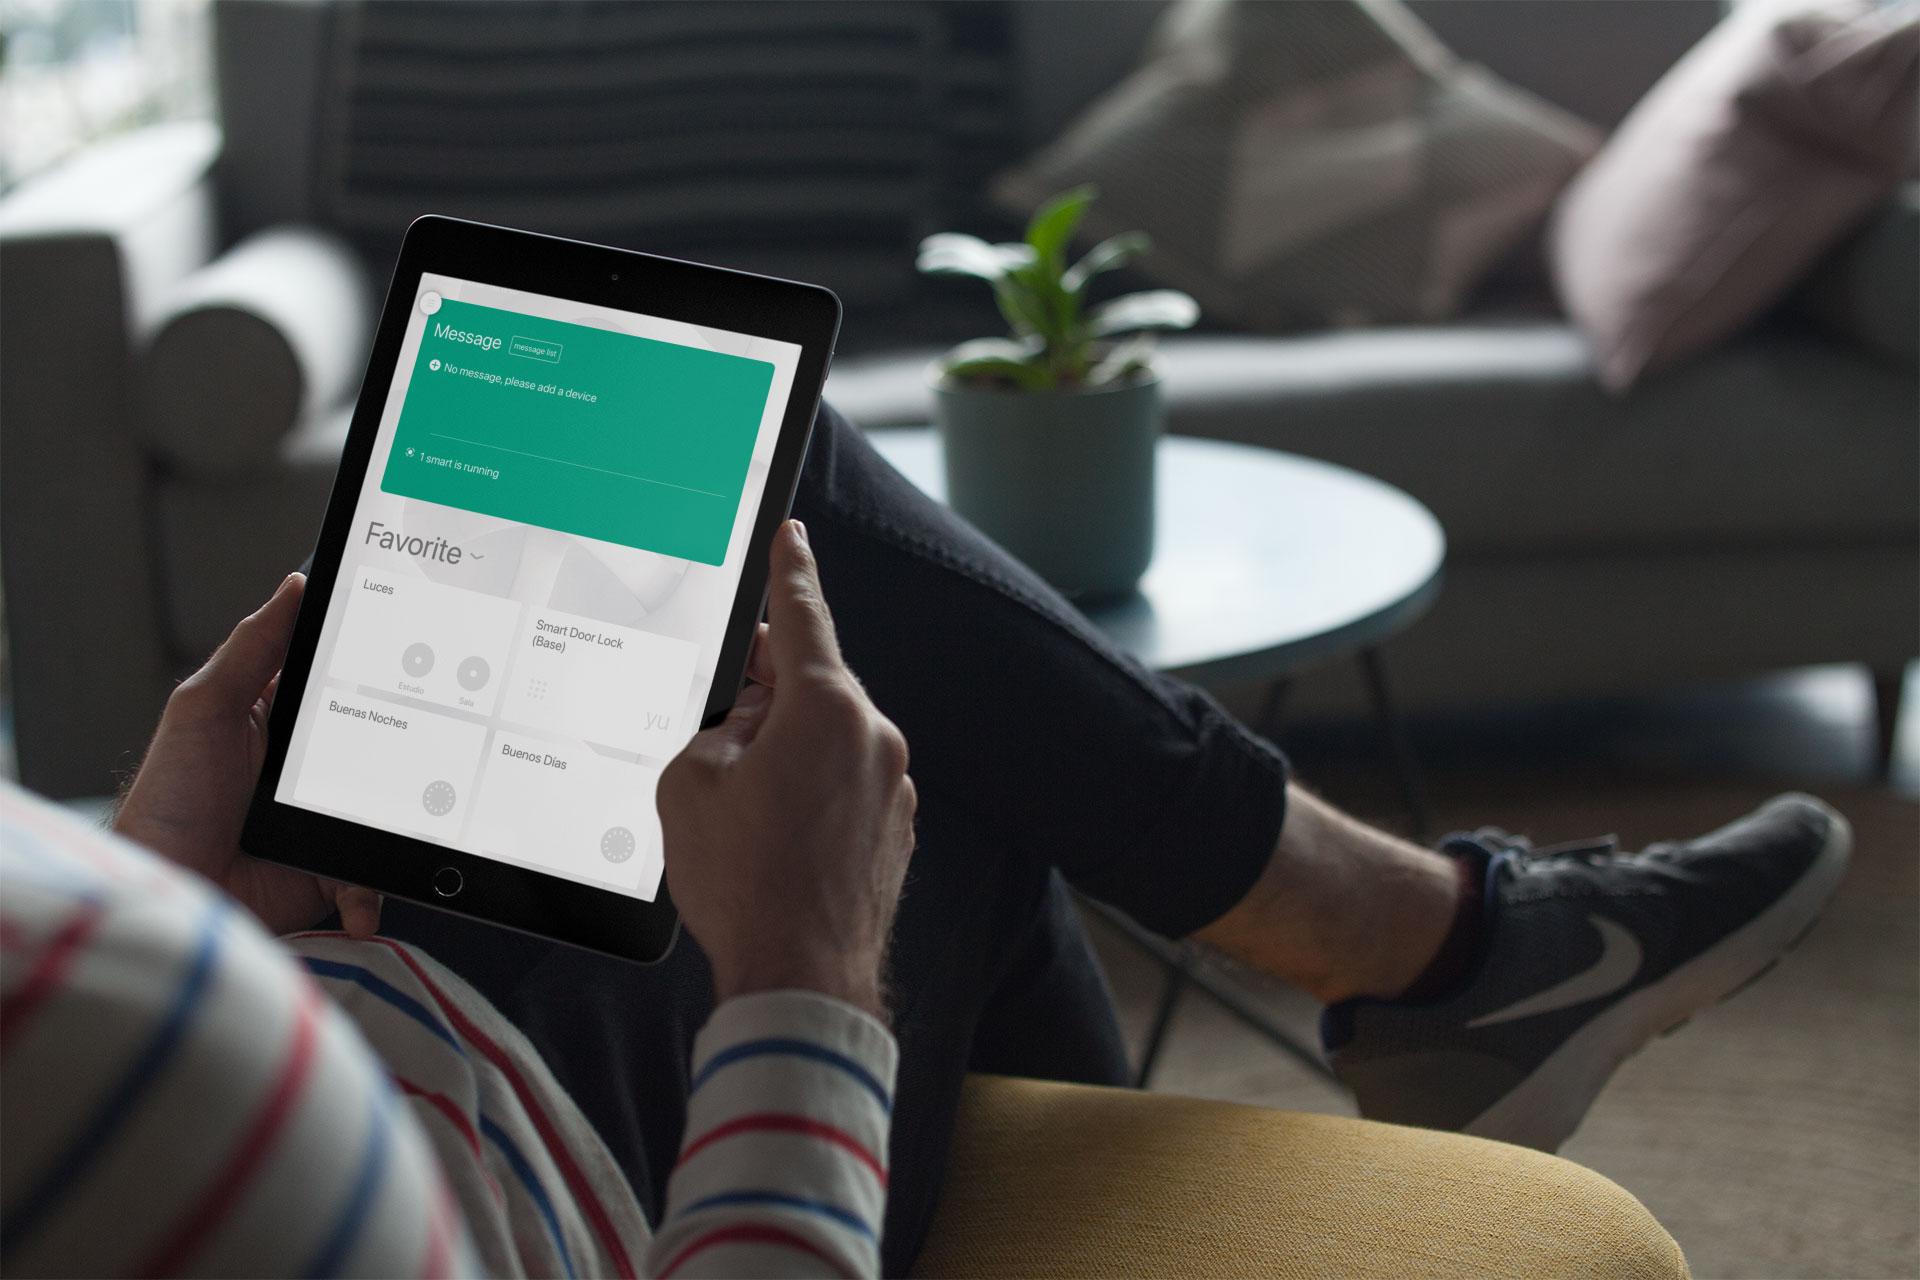 lifesmart-ipad-app.jpg